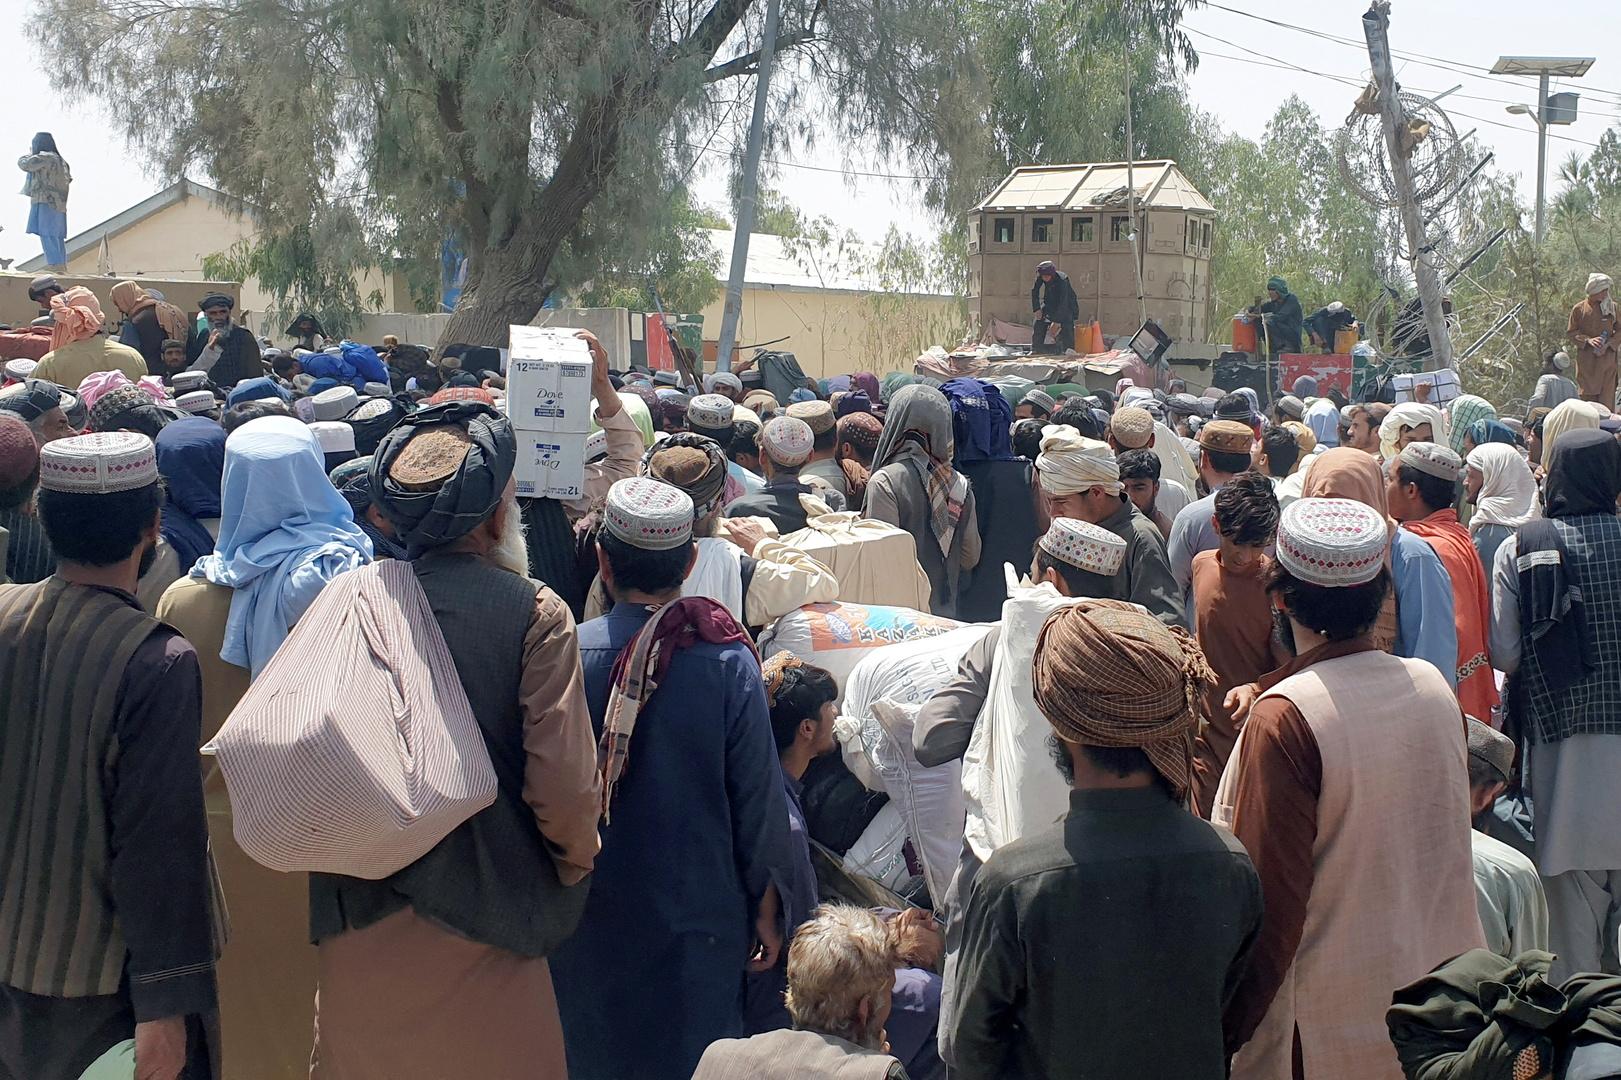 اليونيسف تحاول إعادة أطفال أفغان إلى أسرهم بعد